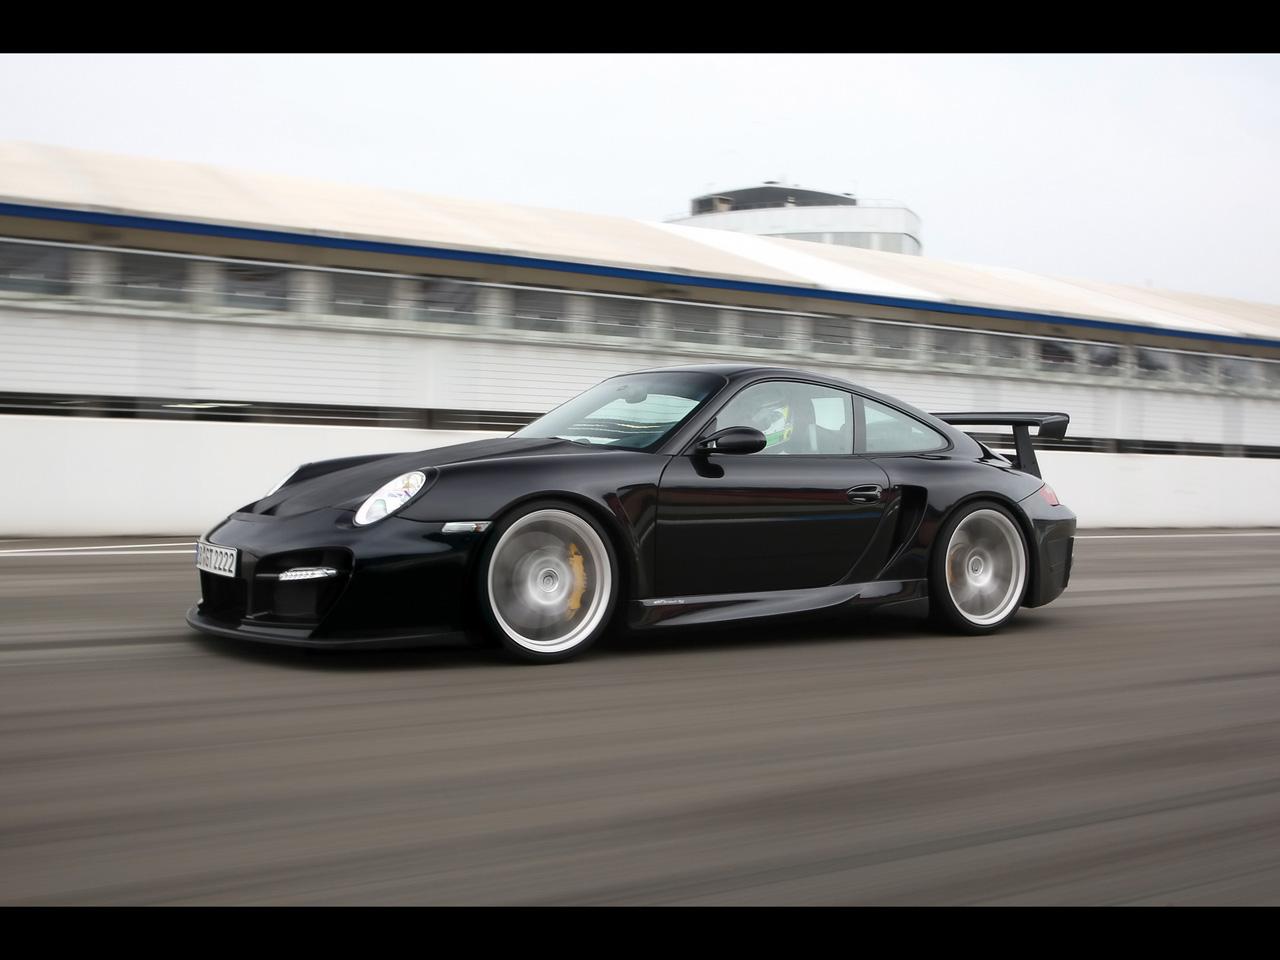 http://1.bp.blogspot.com/_mVWTOcUXltI/TS_HlK9rDwI/AAAAAAAAEz4/sVA8Akd1huw/s1600/Porsche-911-GT2-RS.jpg